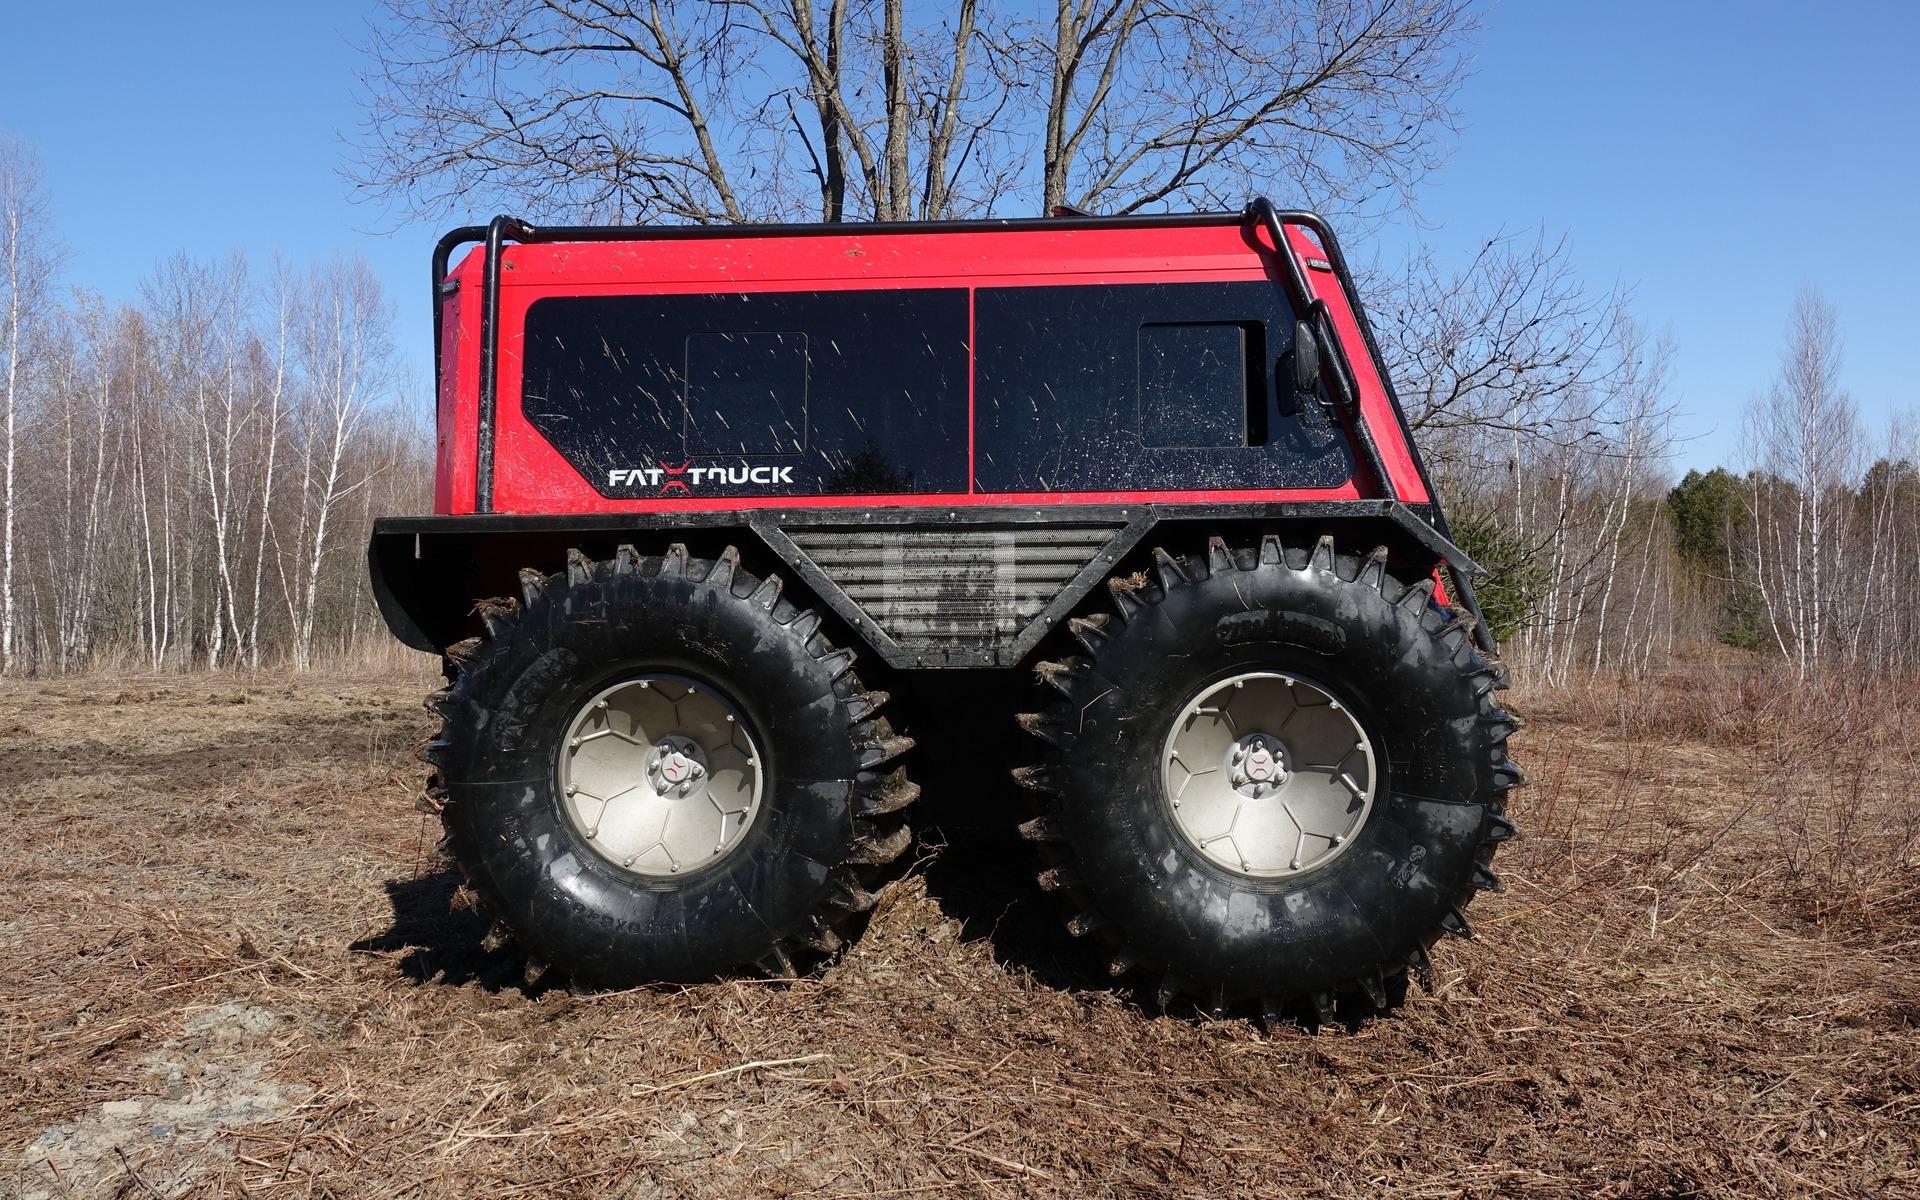 <p>Le Fat Truck dans un de ses &eacute;l&eacute;ments</p>